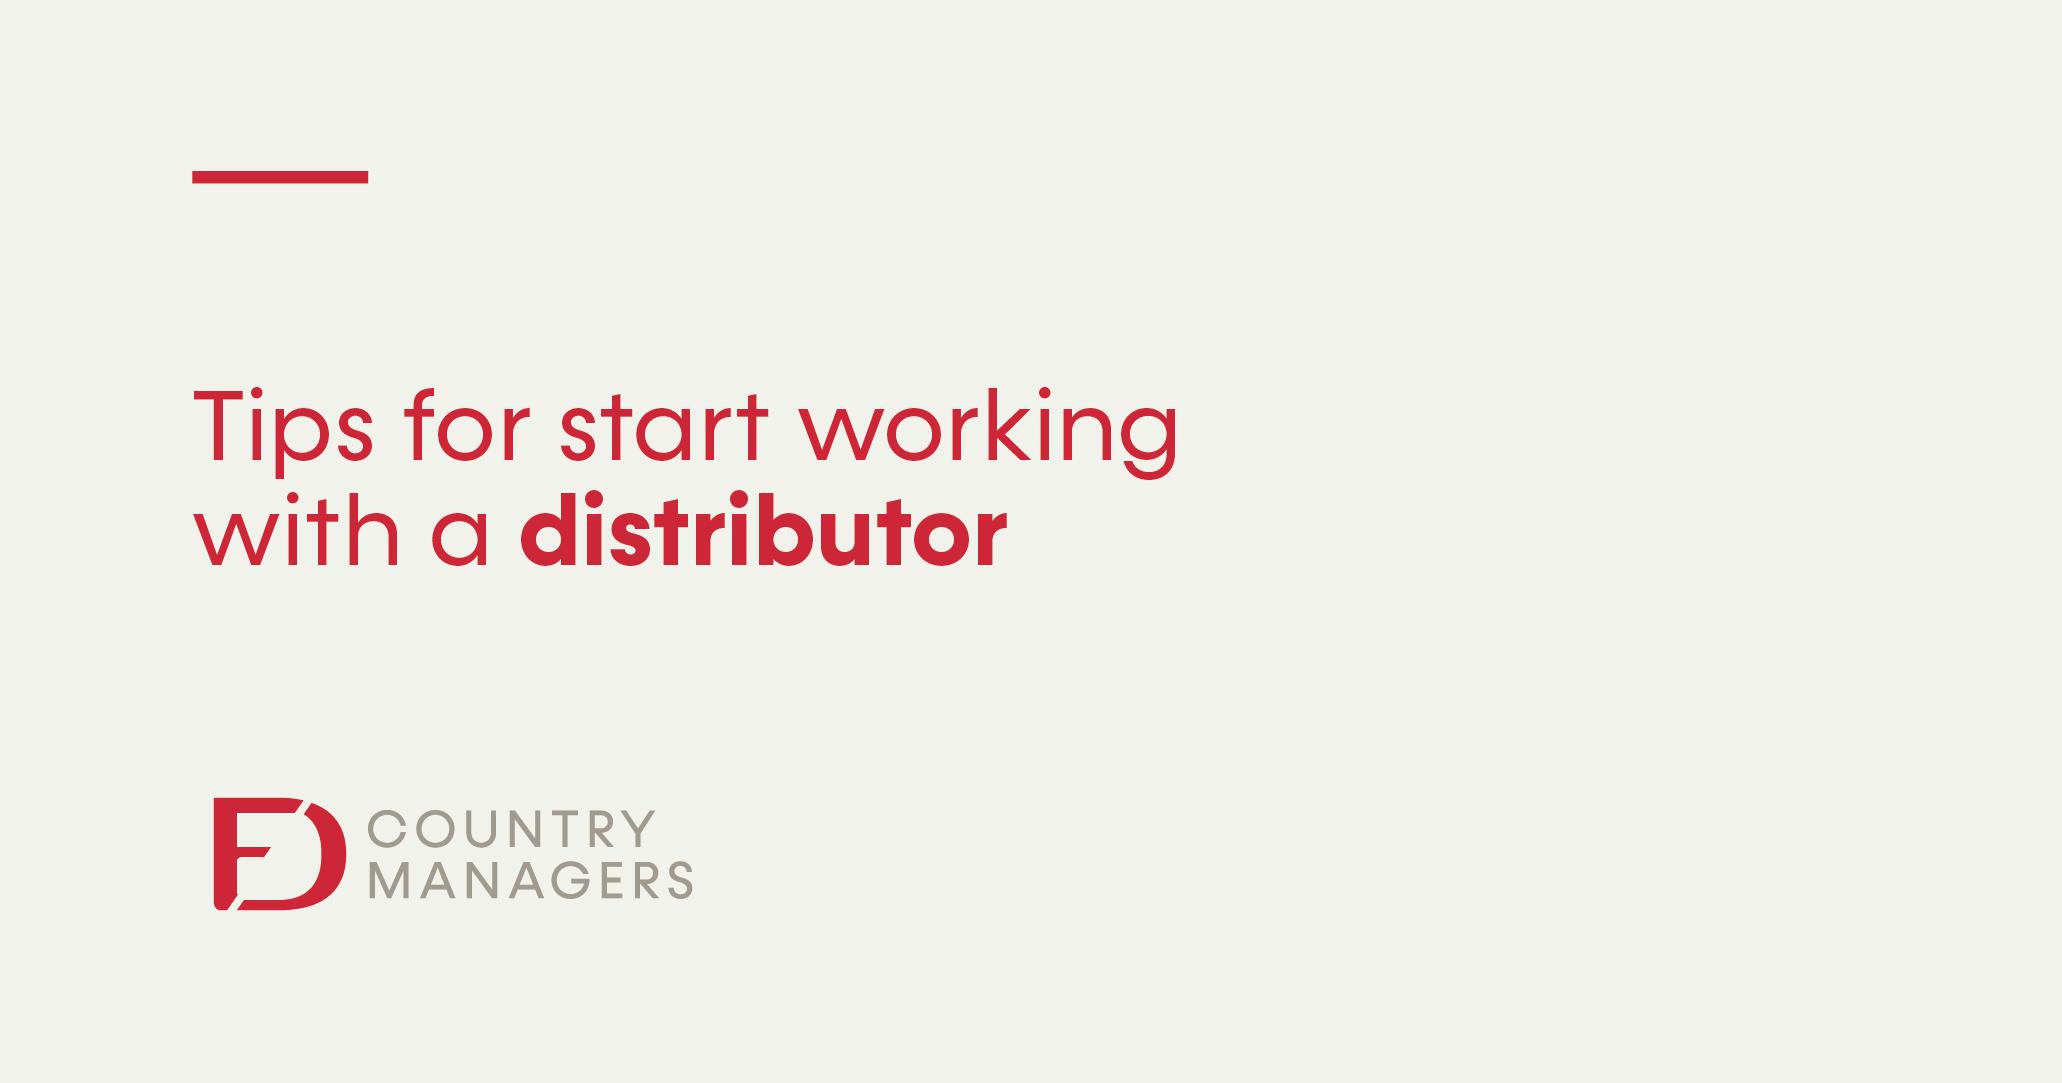 Recomendaciones para iniciar una relación comercial con un distribuidor